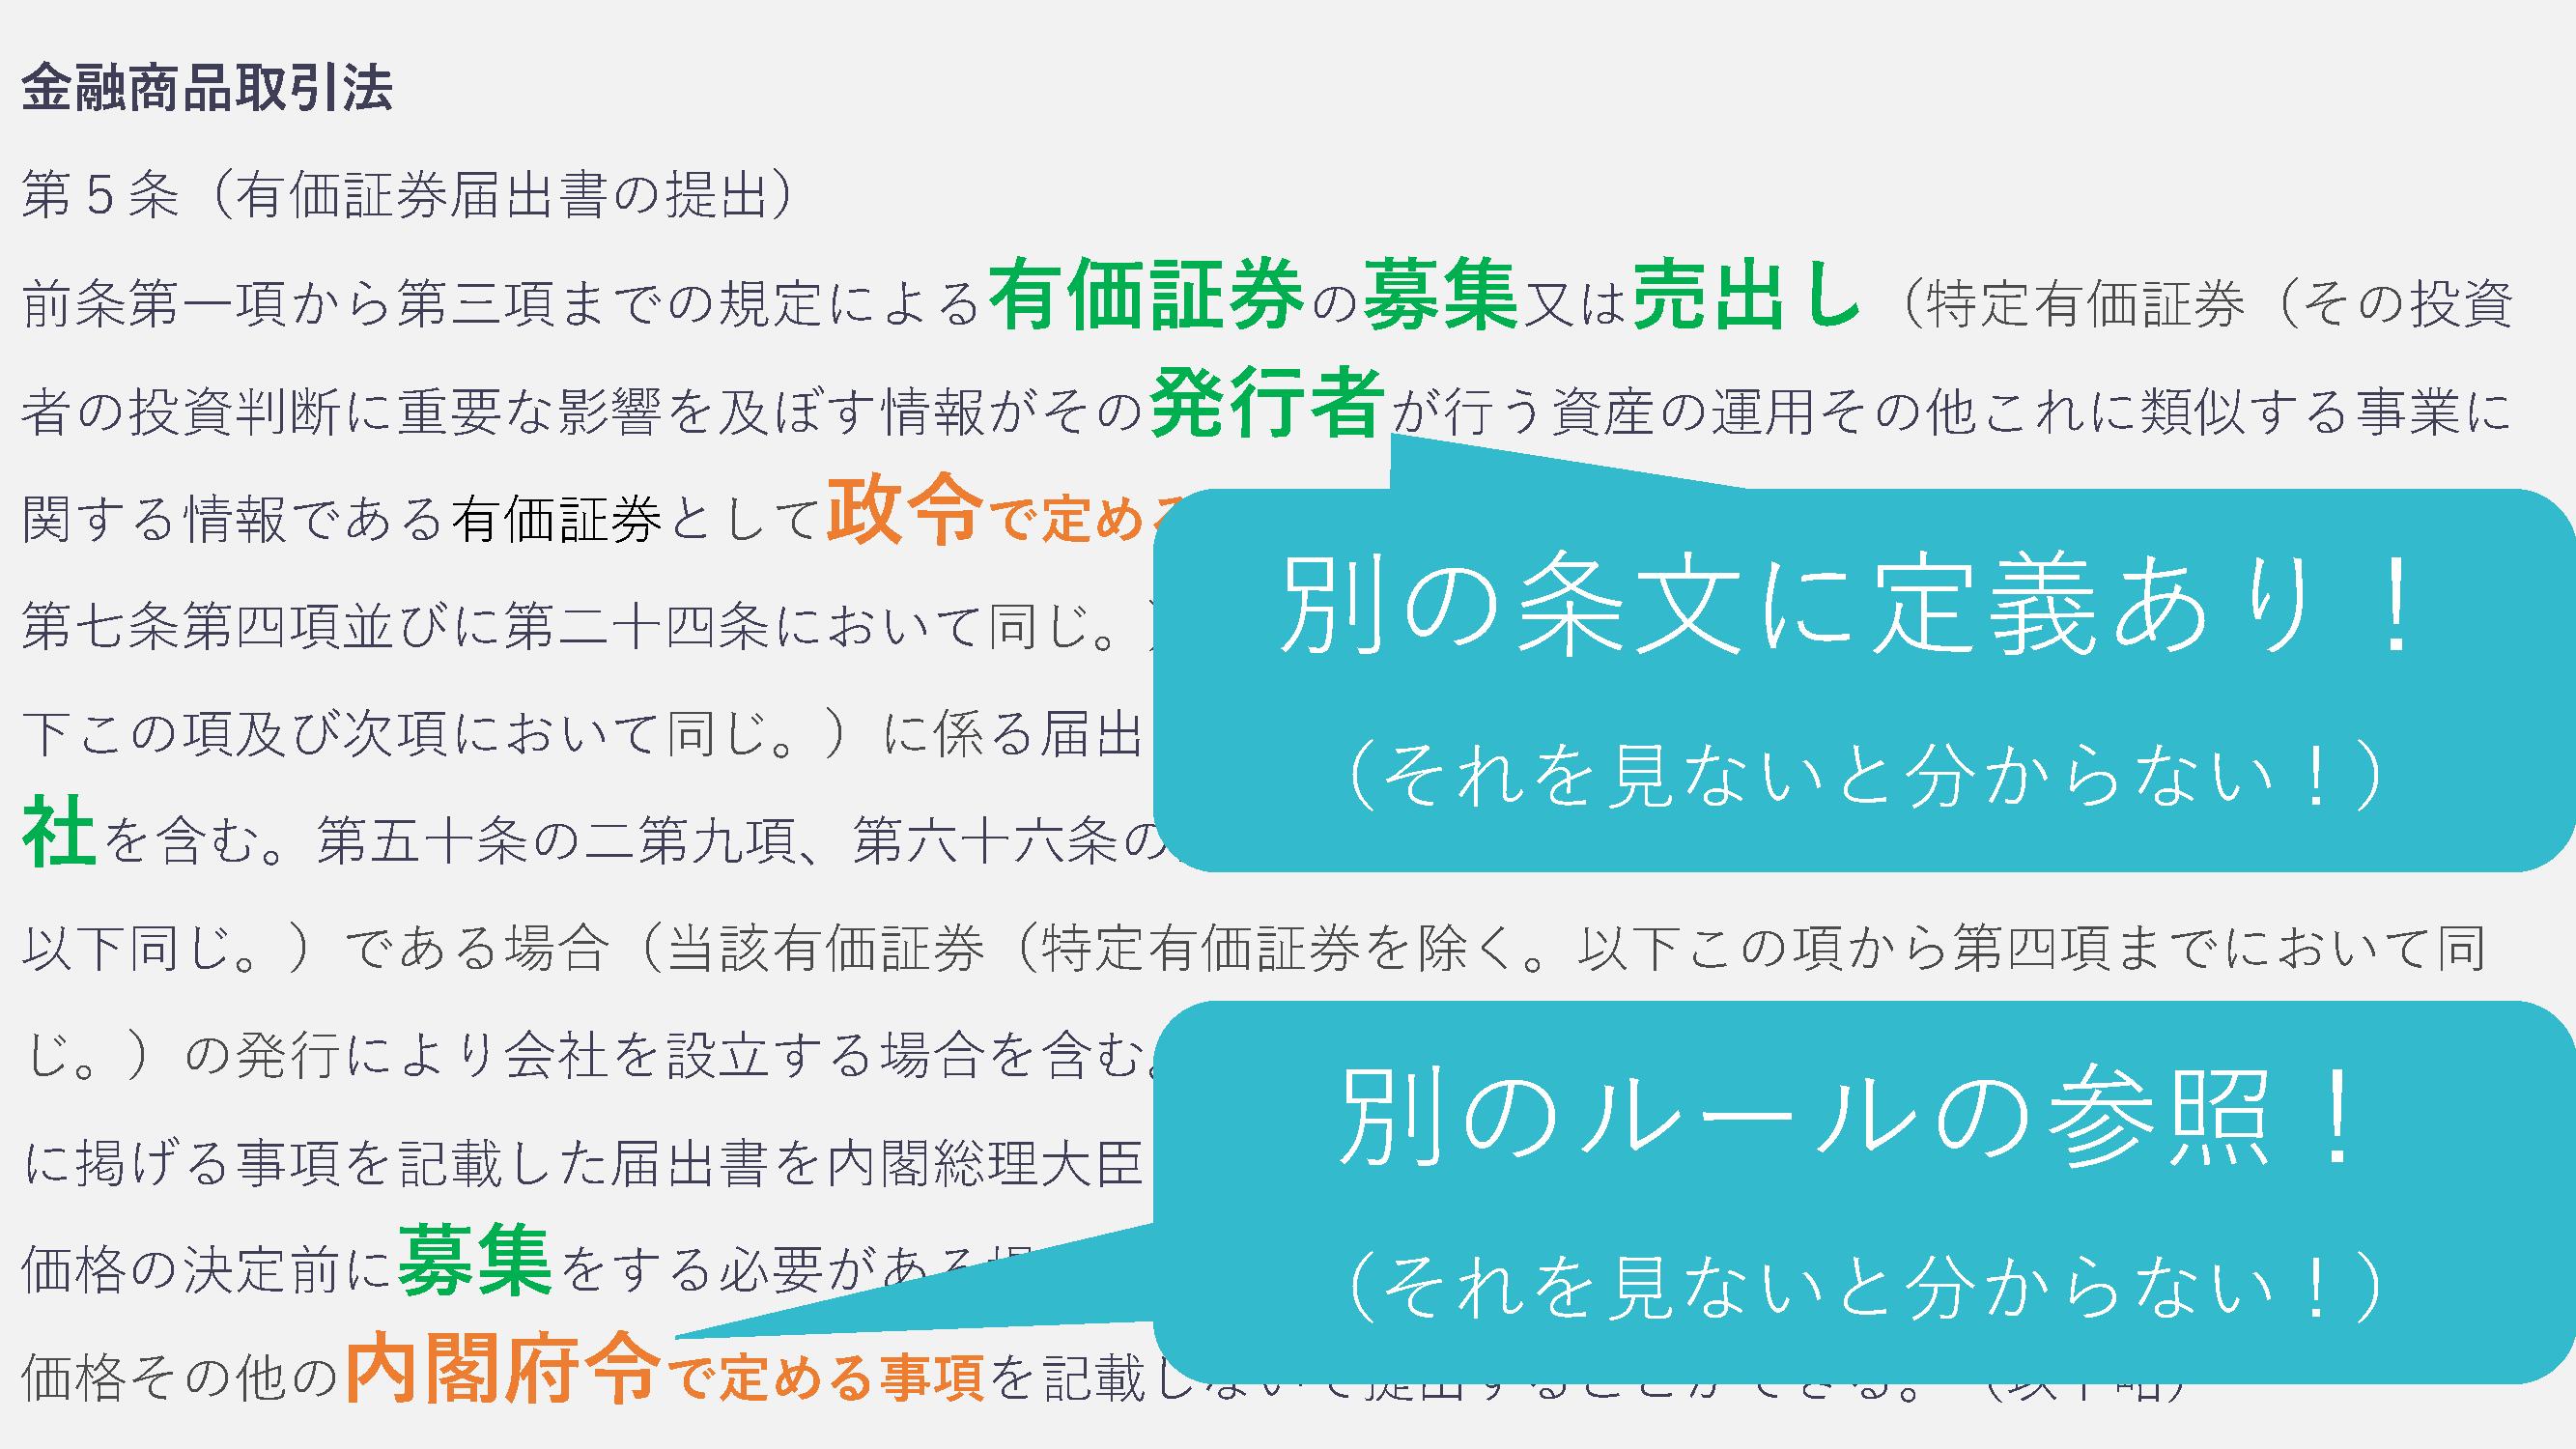 GGAプレゼン資料 2_アップ用_ページ_8.png